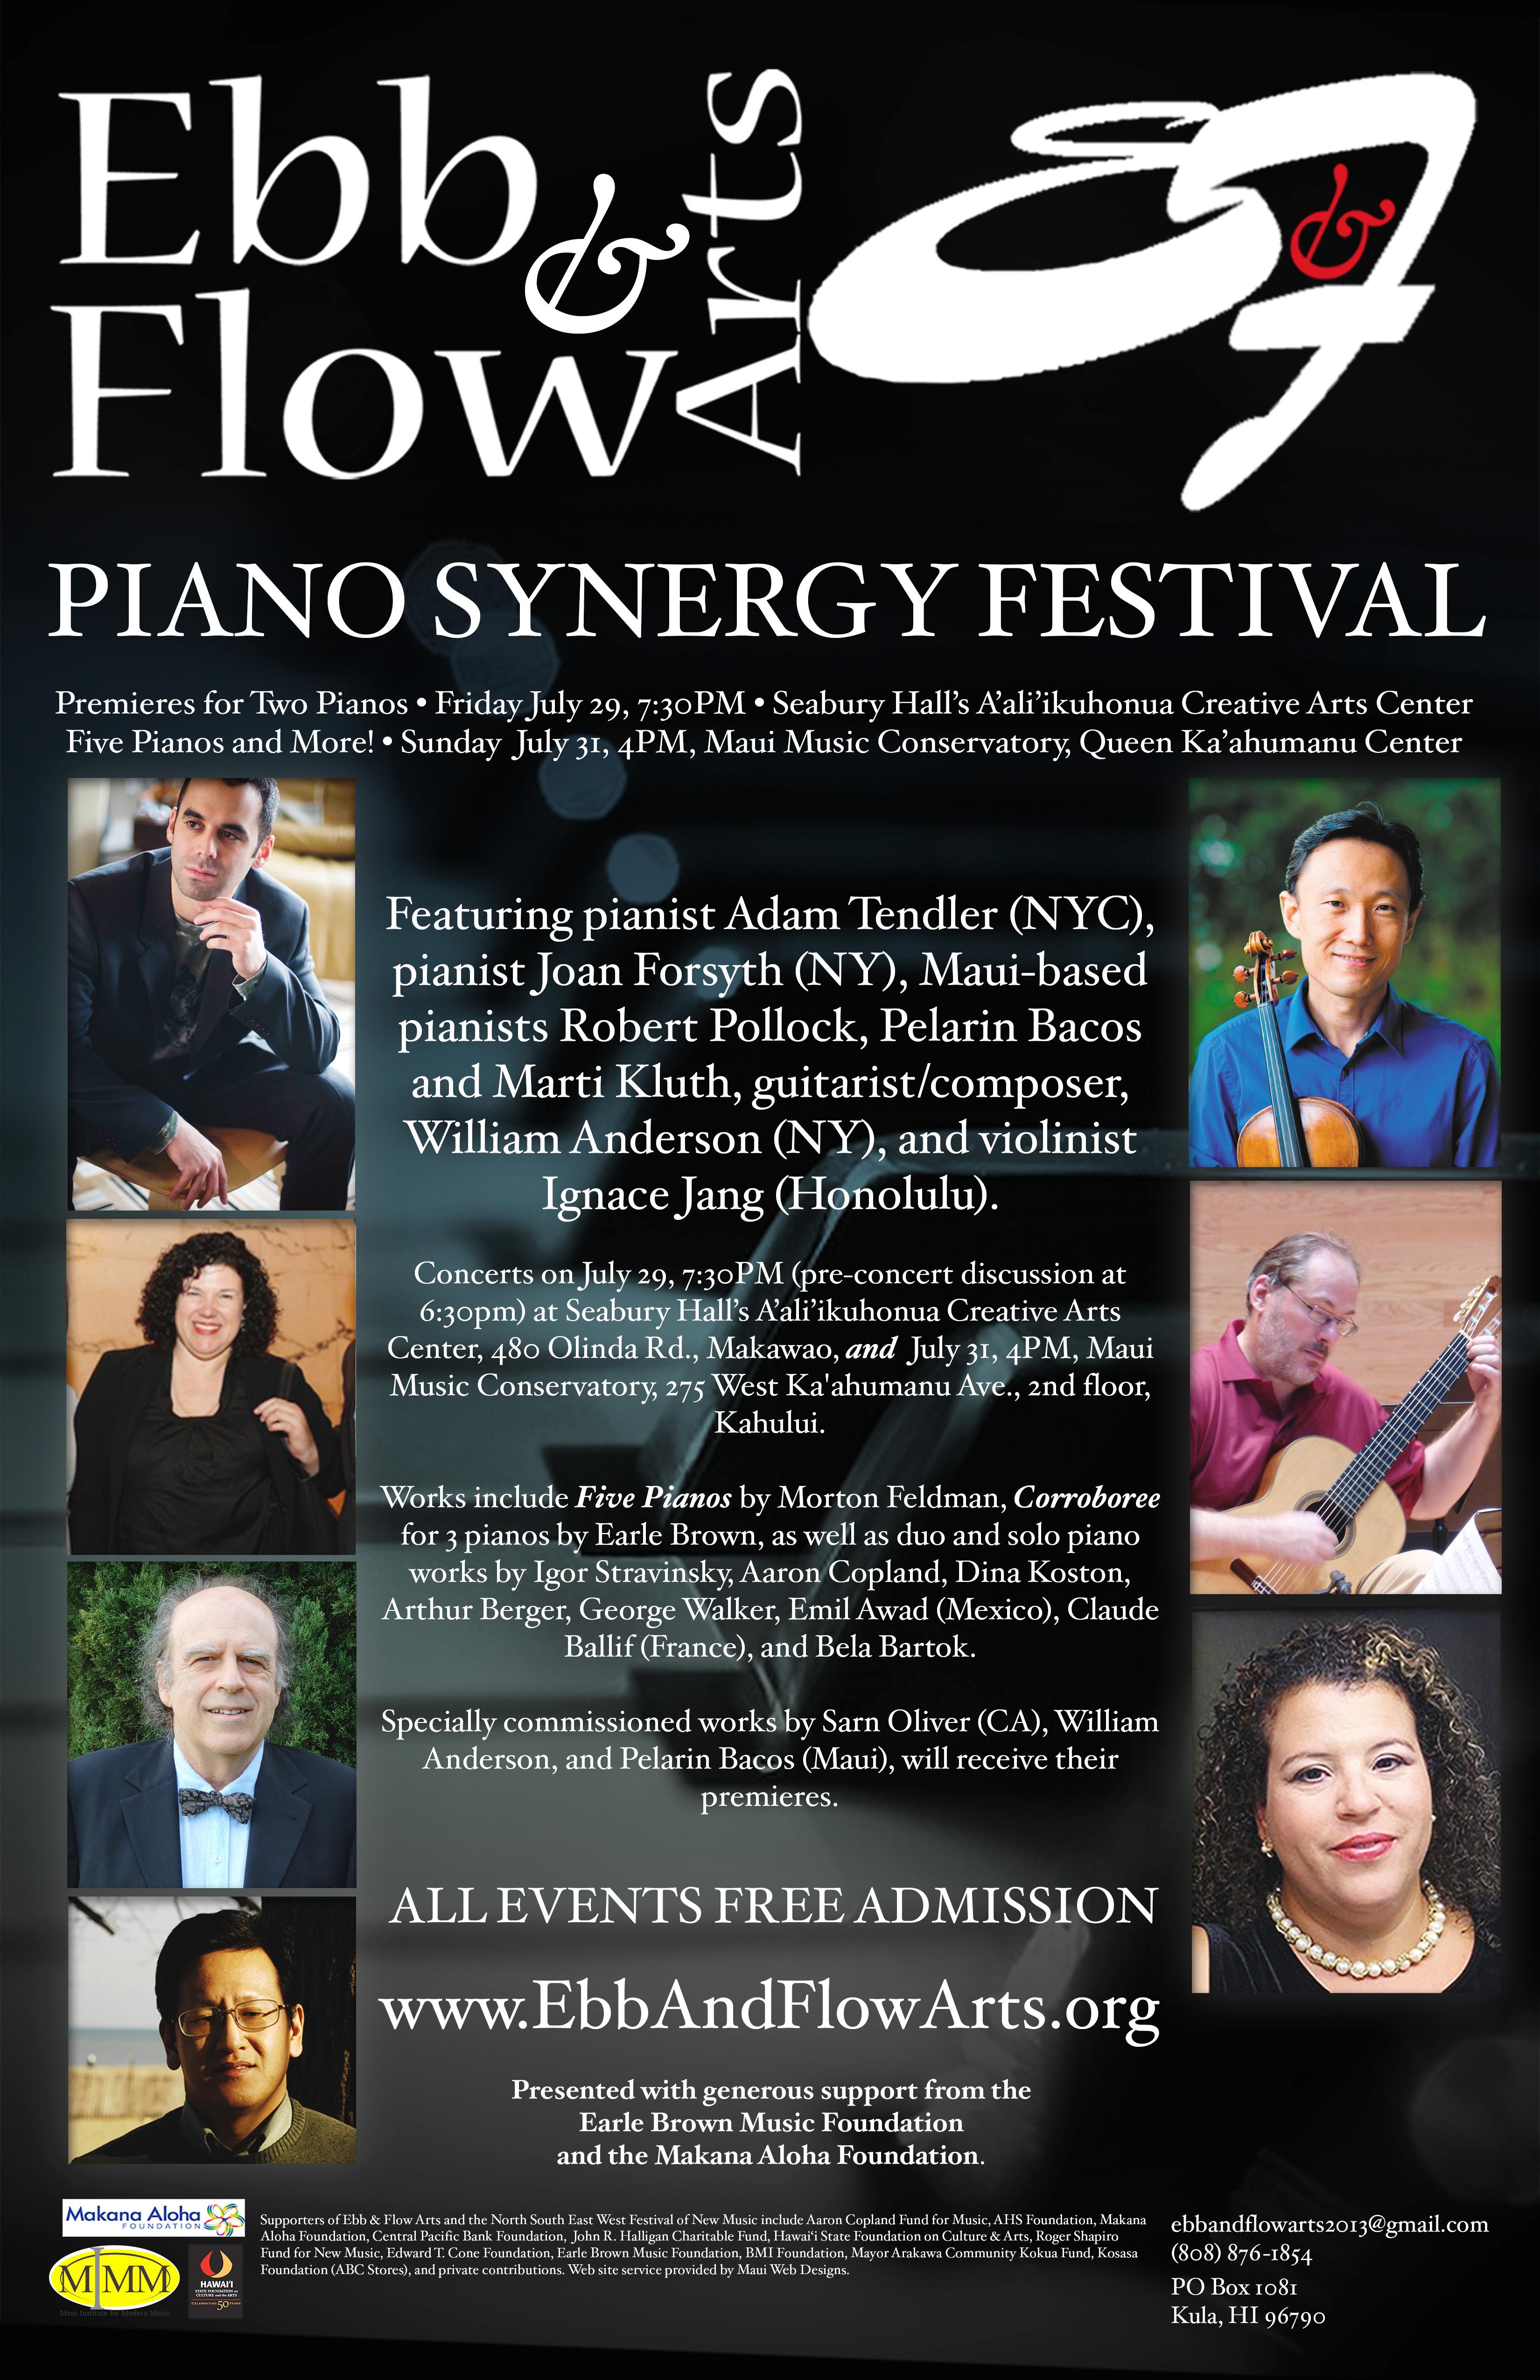 2016 EFA PianoSynergy 11x17test062616 copy